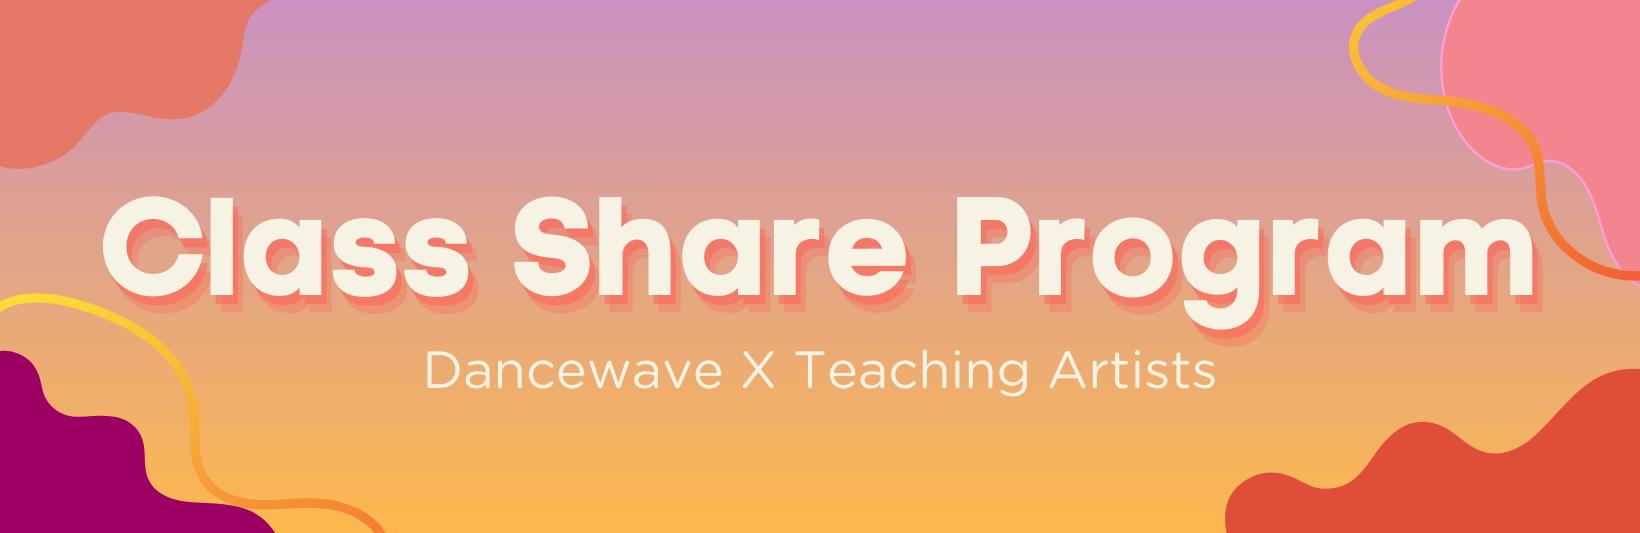 Class Share Program